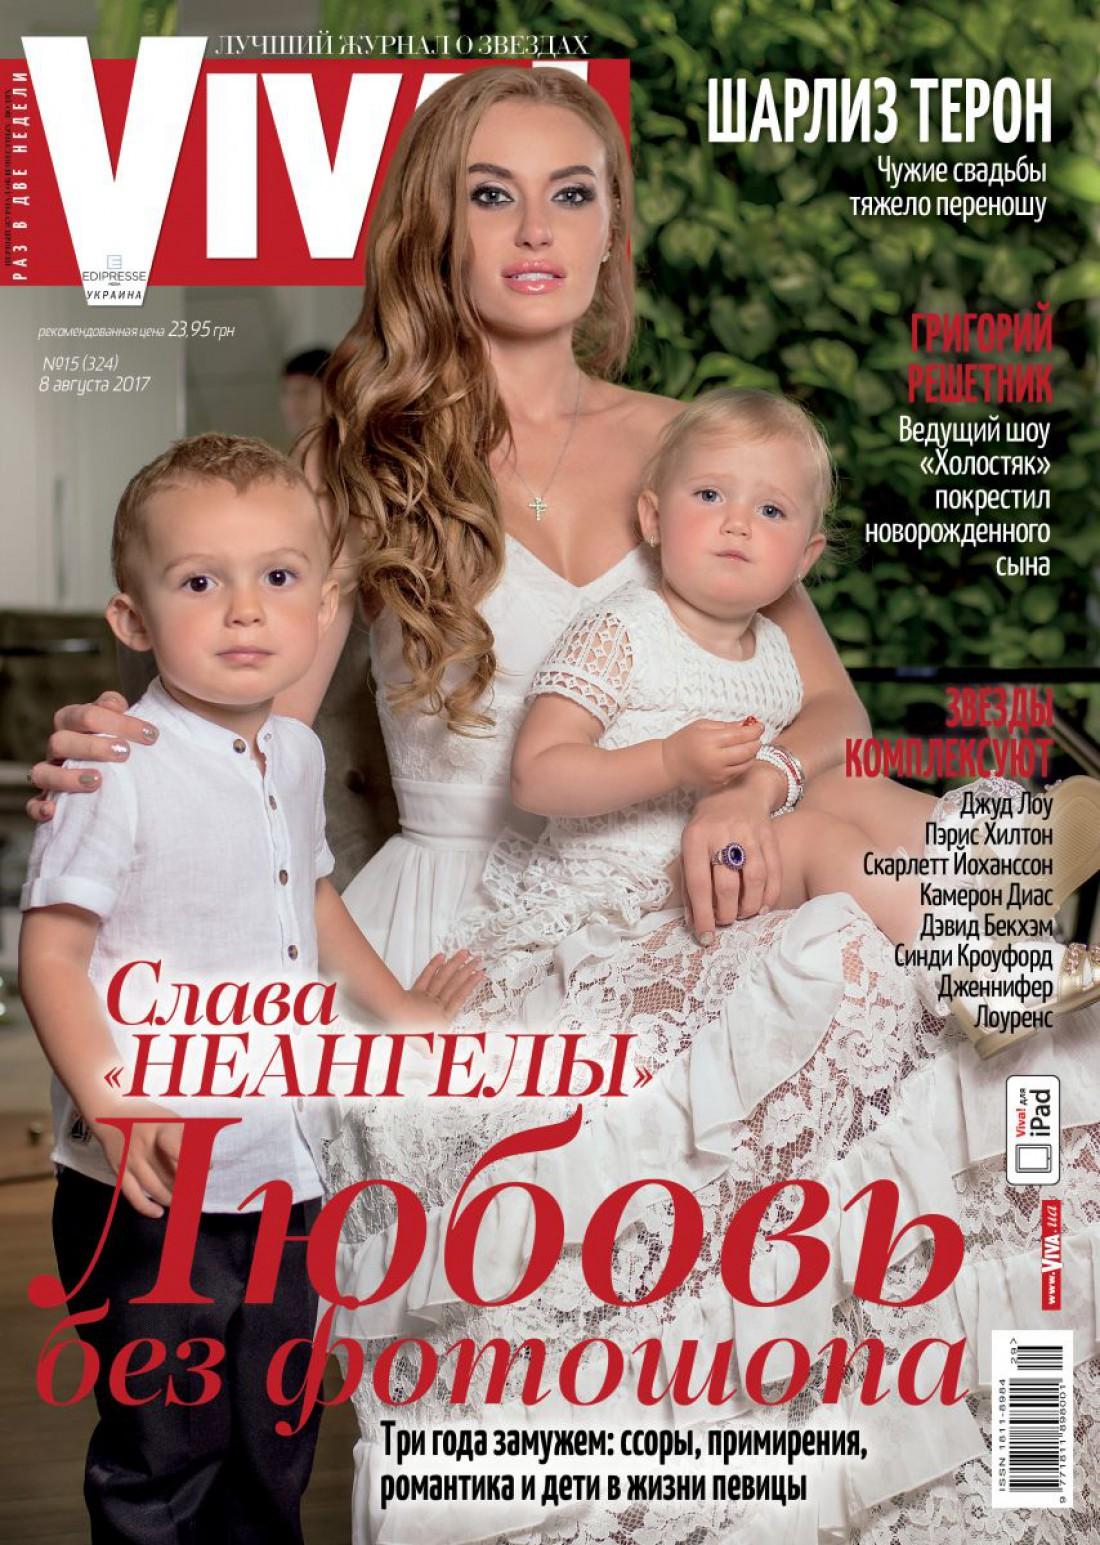 Каминская на обложке журнала